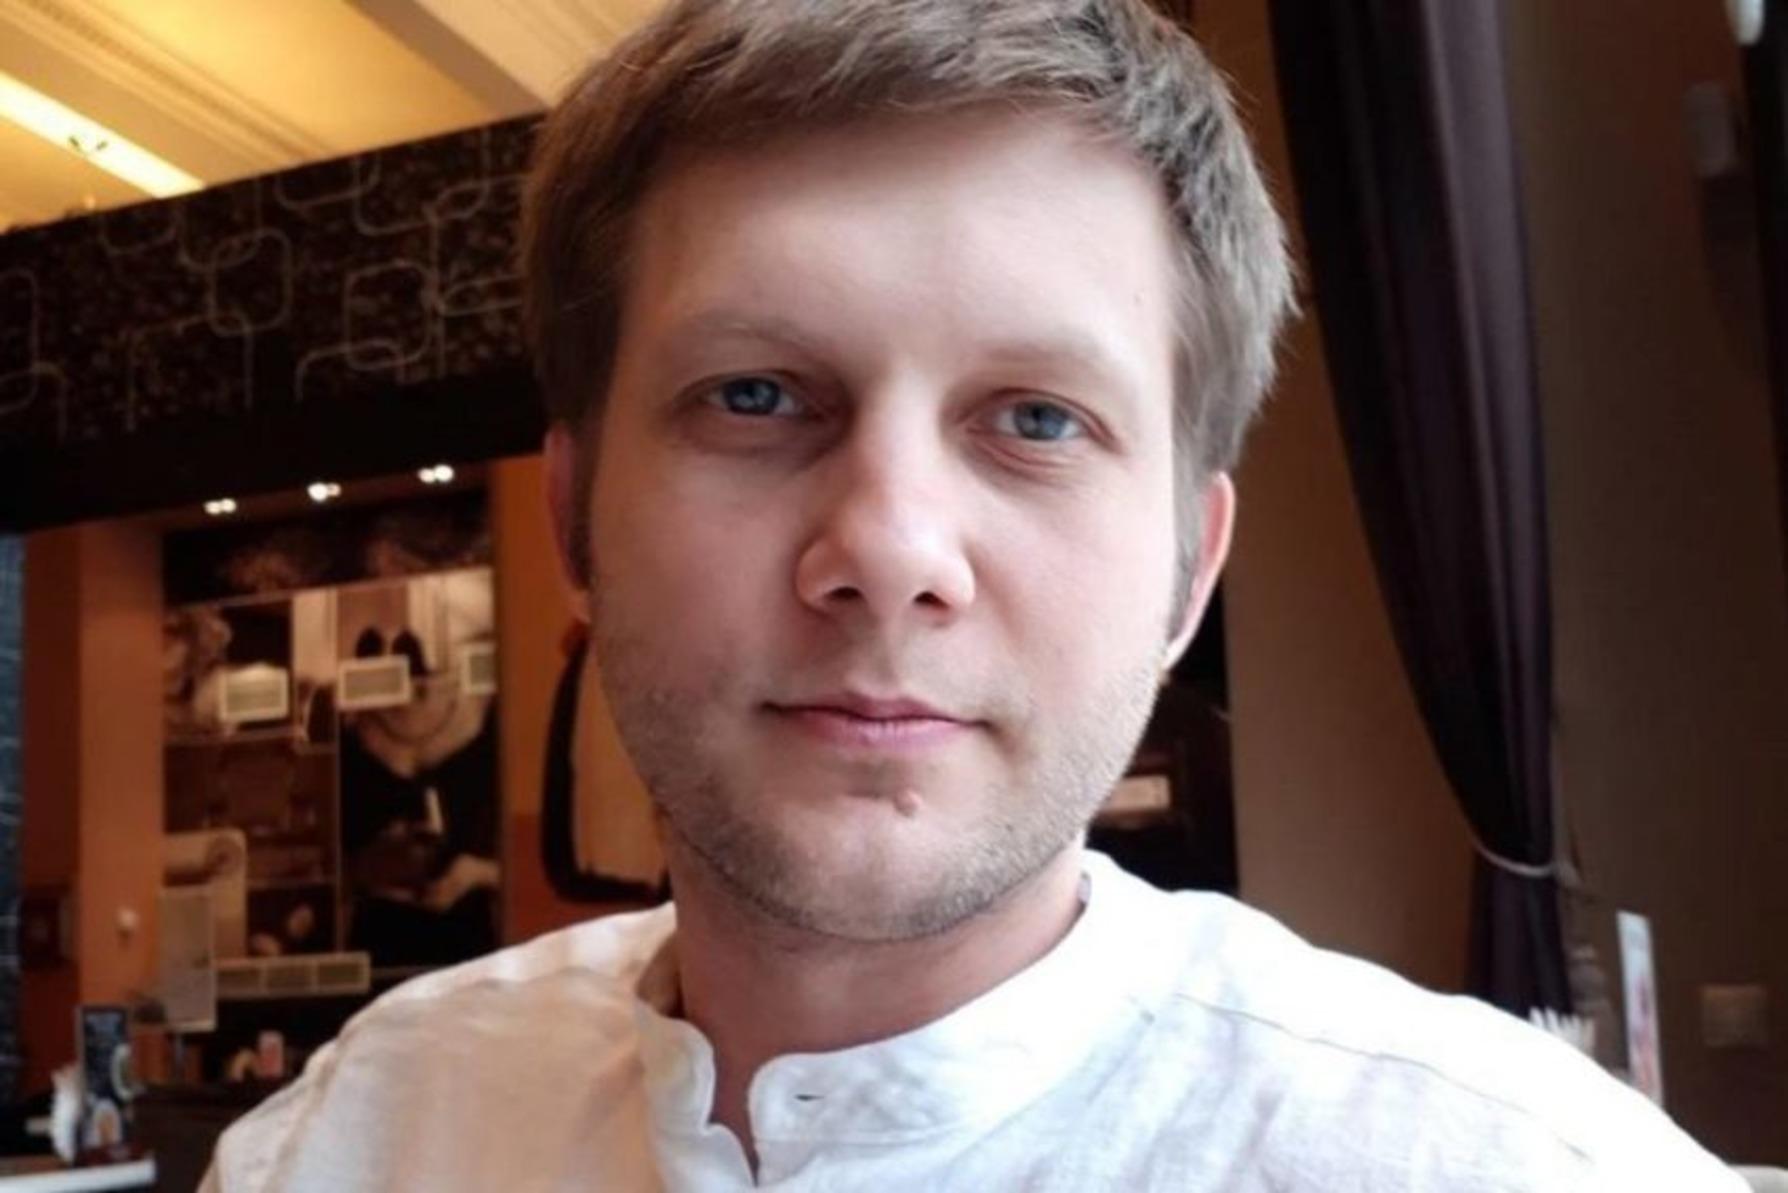 Борис корчевников: биография, личная жизнь, семья, болезнь (фото)